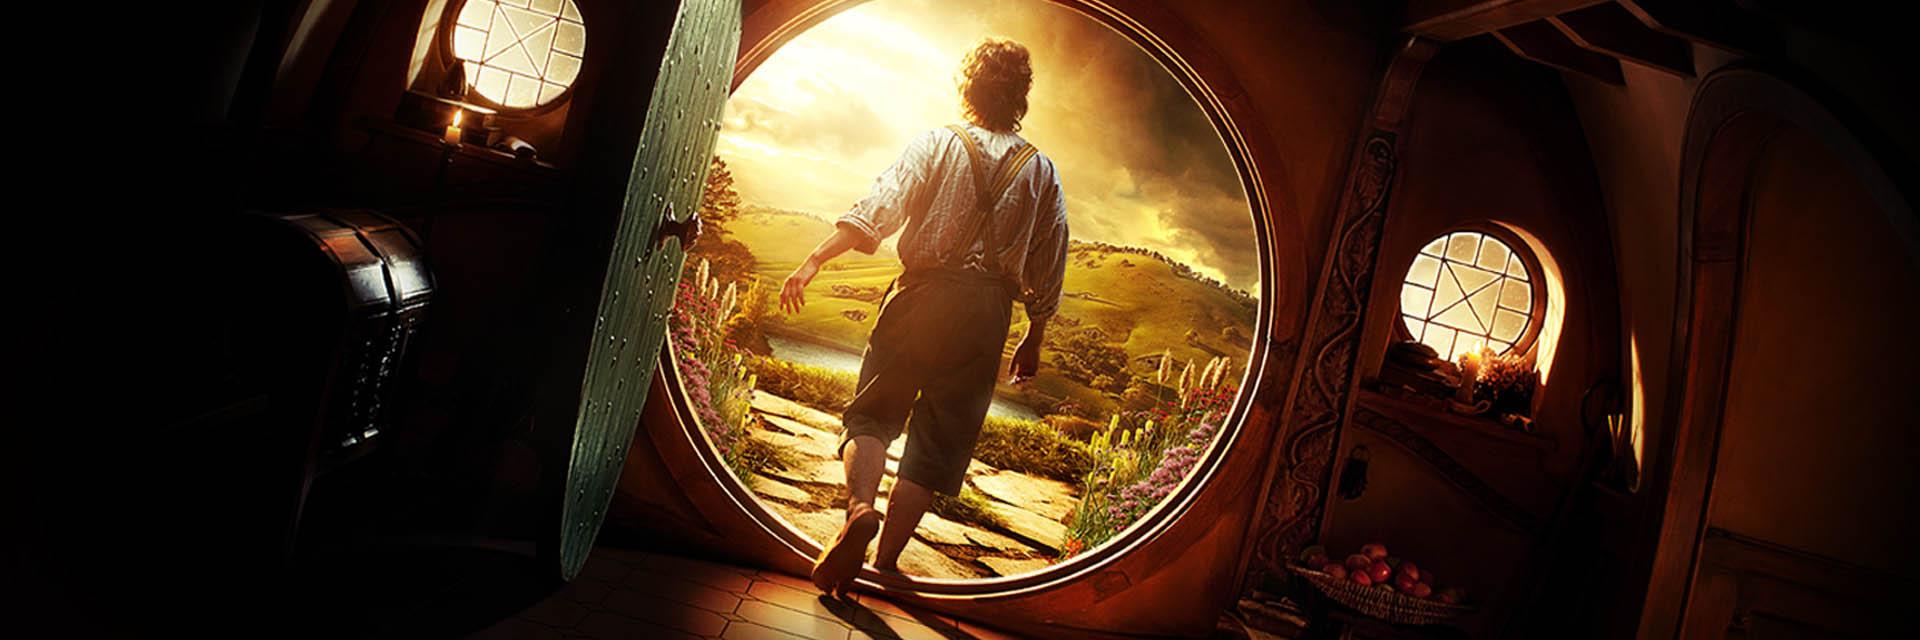 The_Hobbit-_An_Unexpected_Journey-the-hobbit-an-unexpected-journey-31348303-1920-1200.jpg